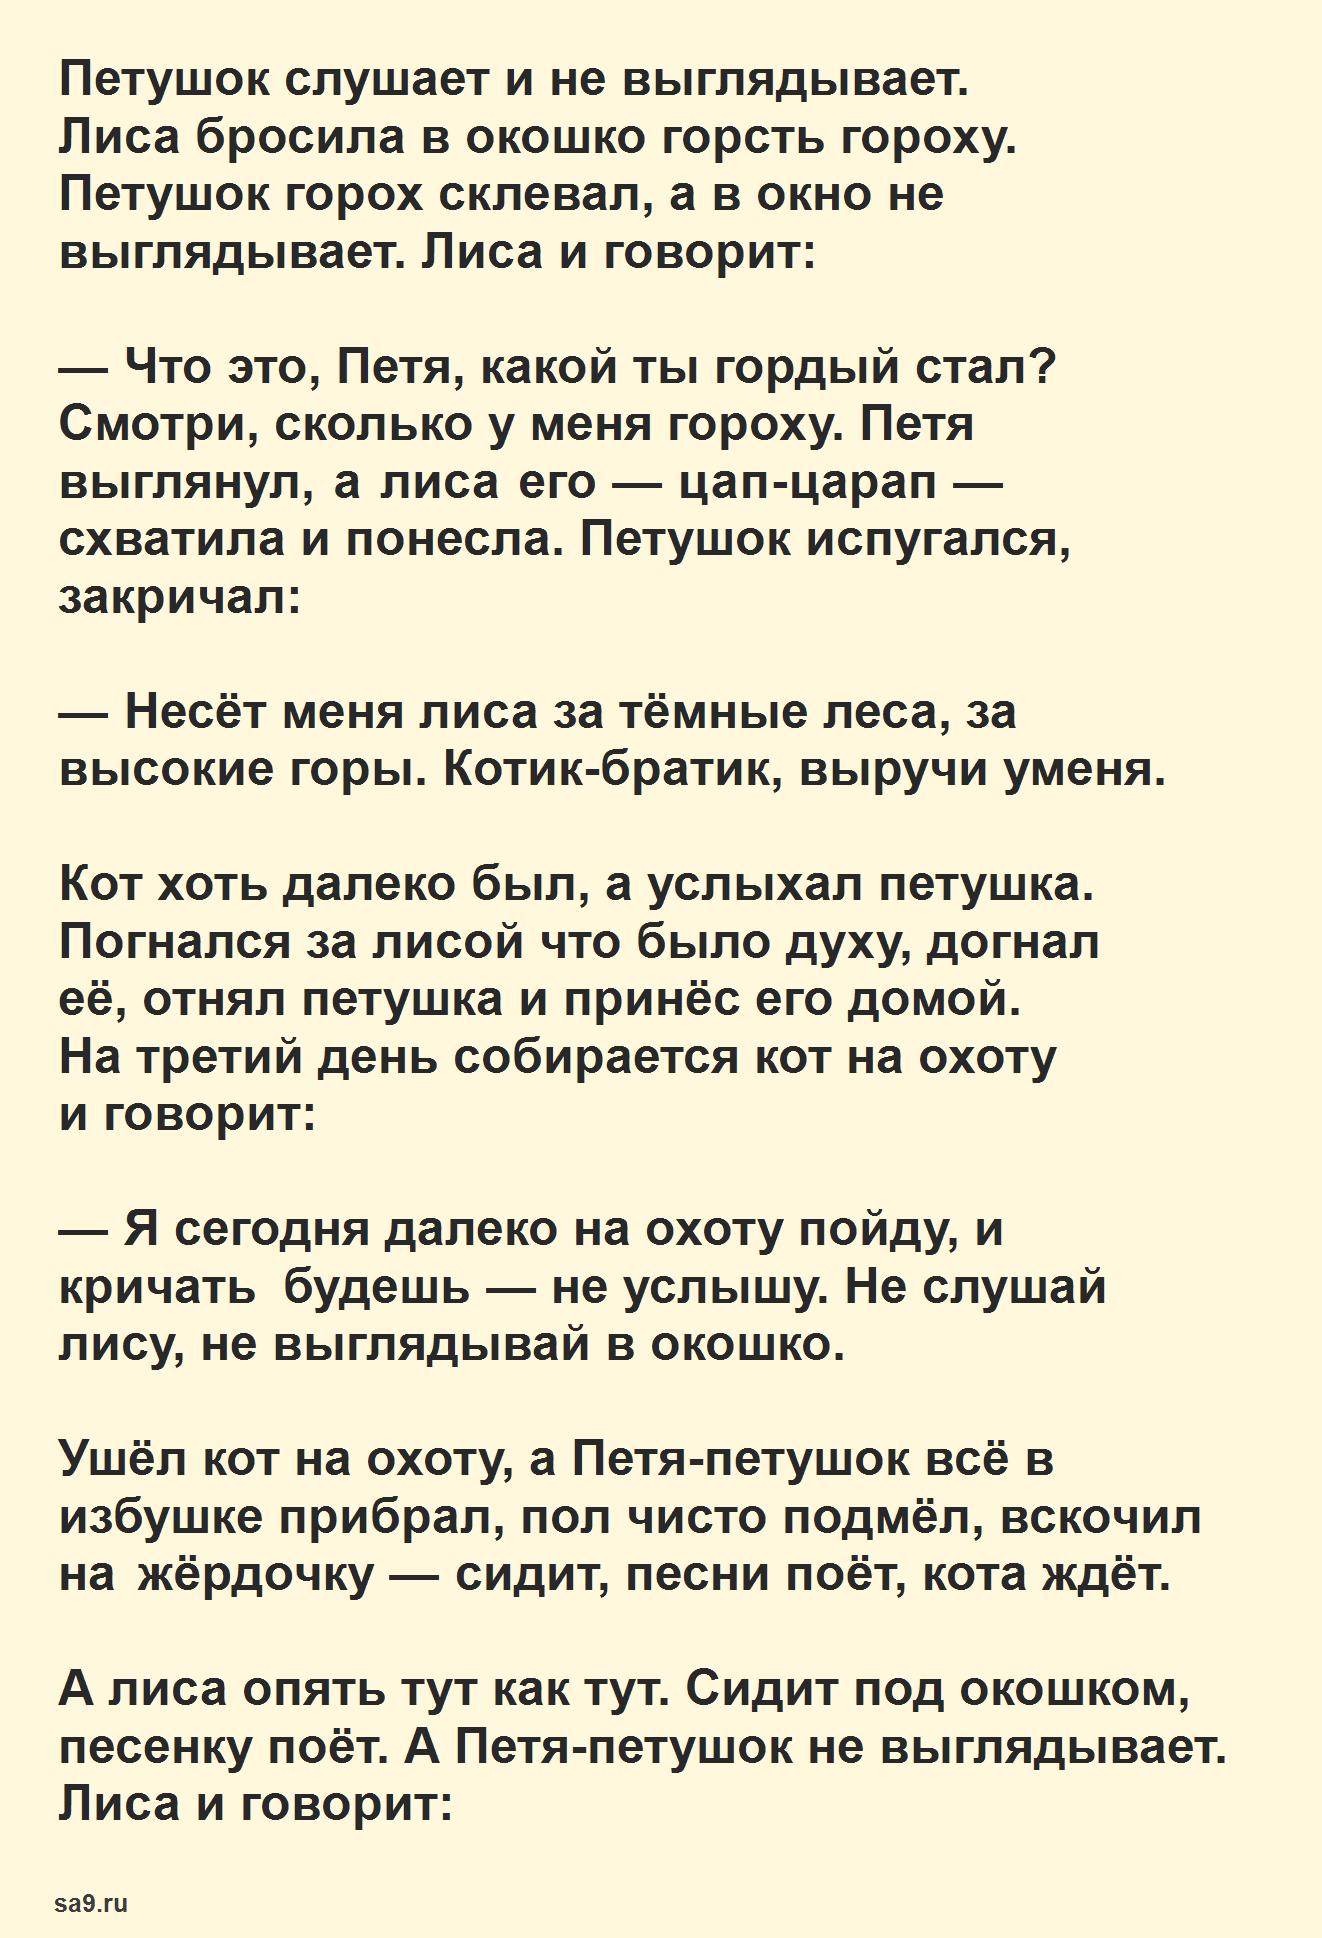 Русская народная сказка - Кот, петух и лиса, читать онлайн бесплатно